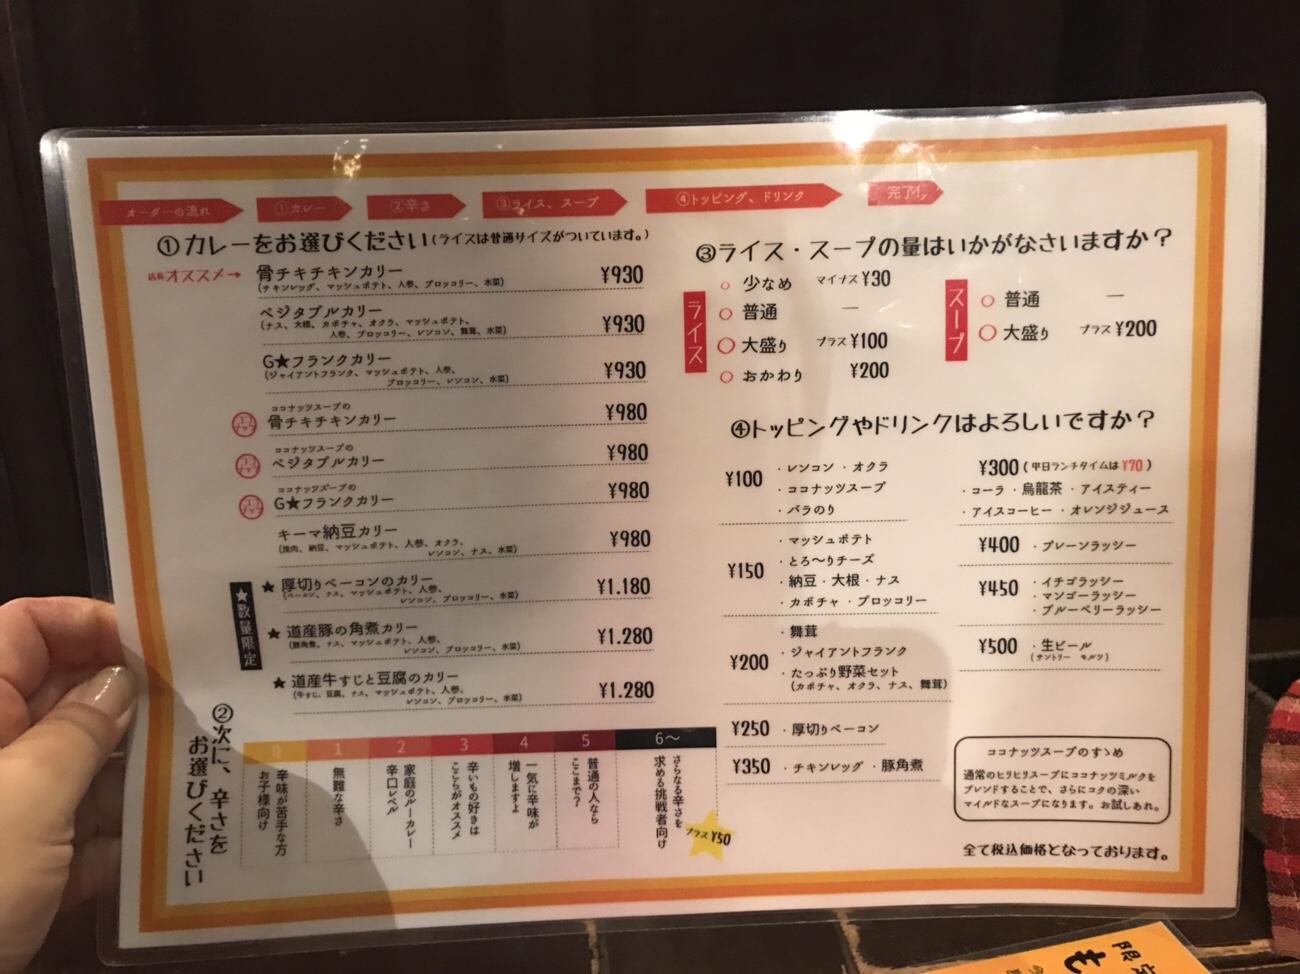 スープカレーヒリヒリ メニュー 札幌駅近く スープカレーランチ